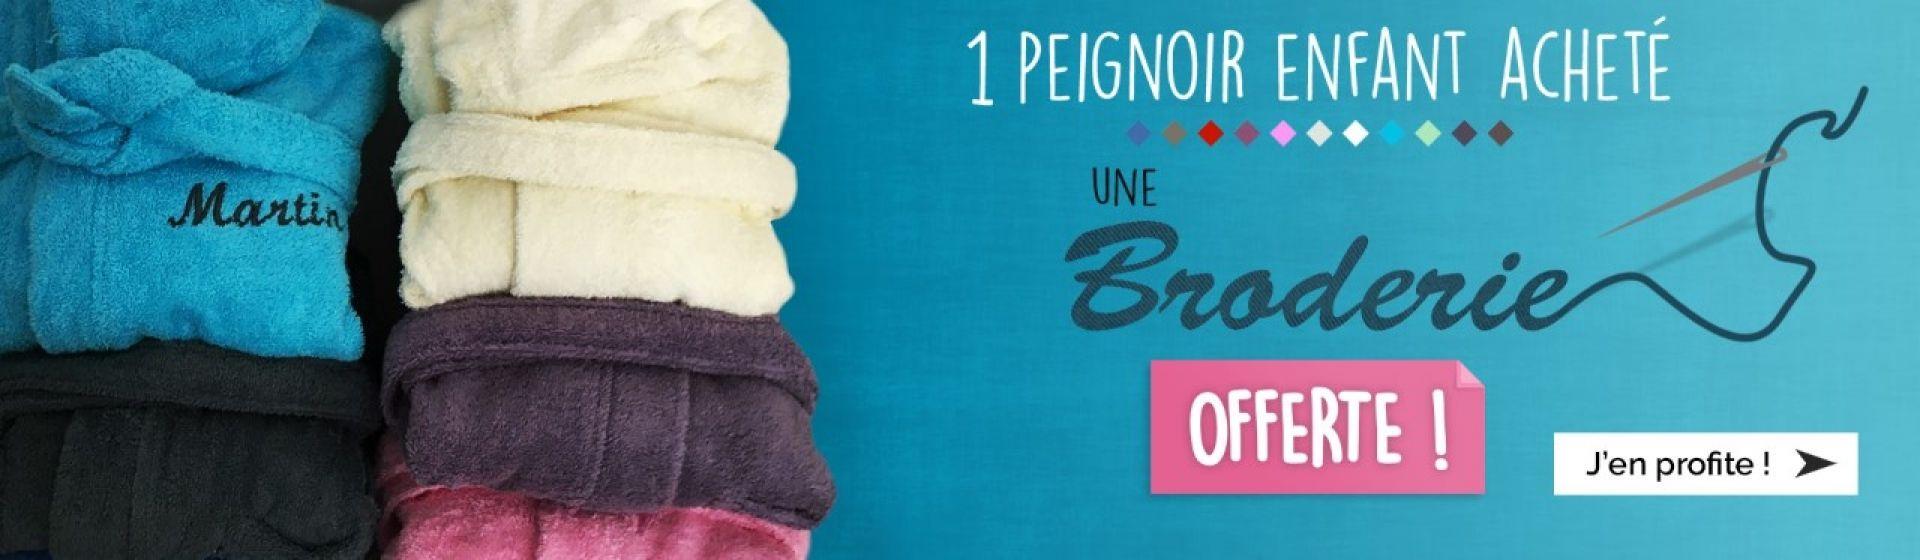 Spécial Noël - Peignoir enfant 100% coton + broderie offerte